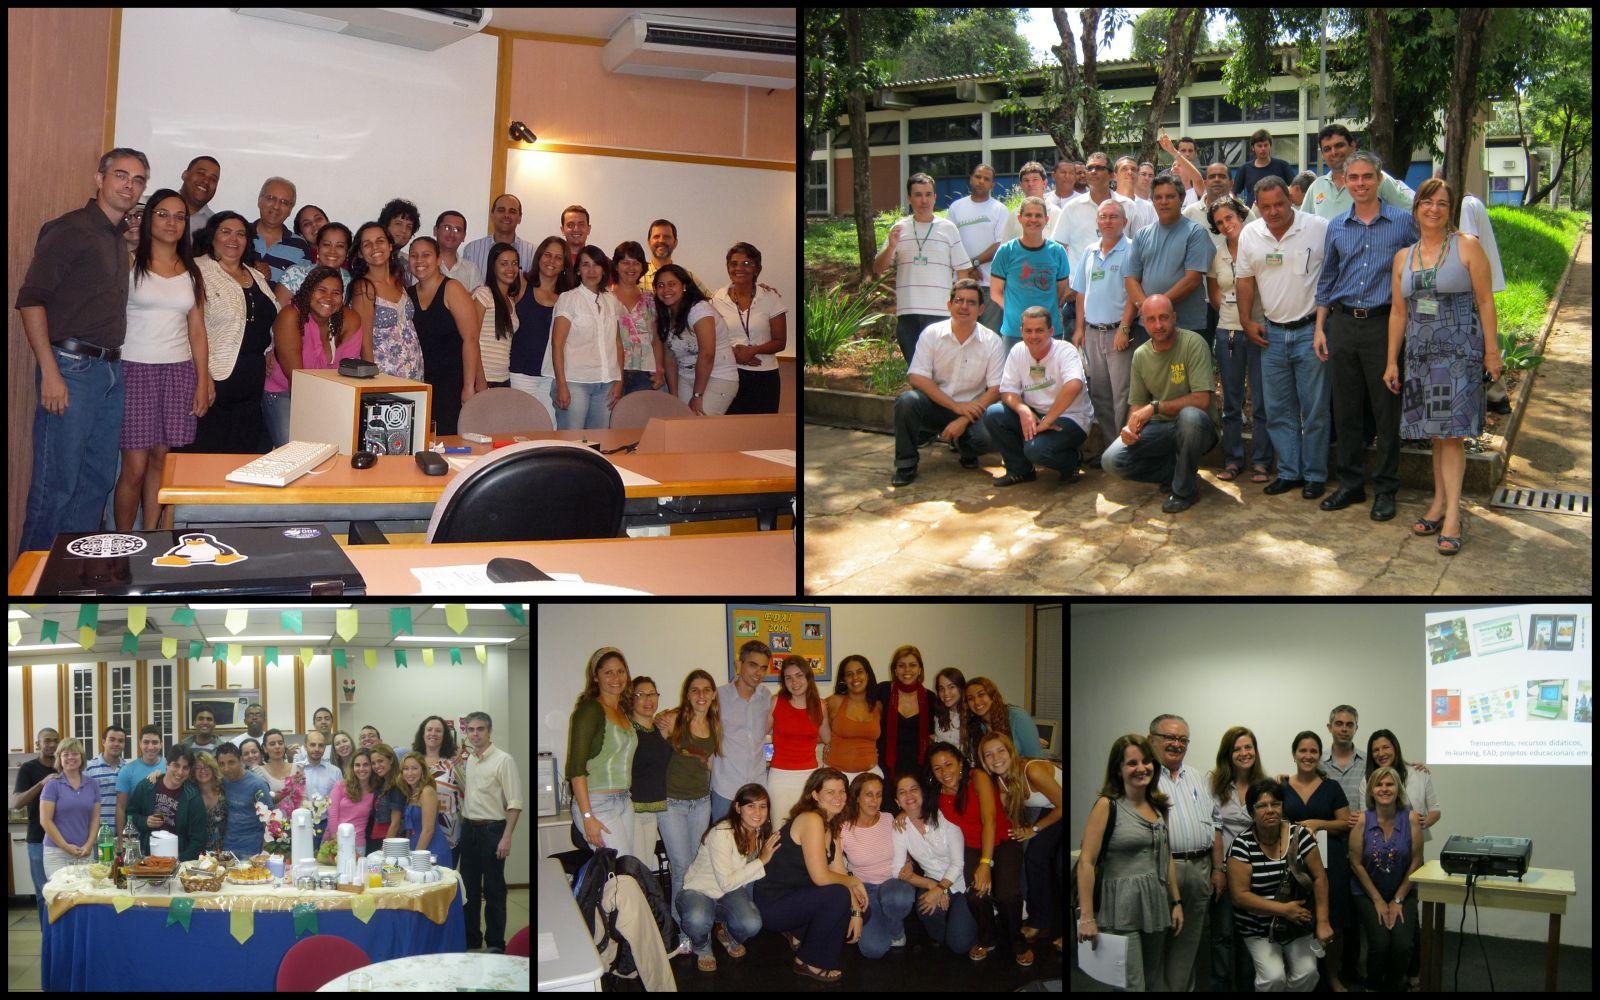 Com turmas de alunos das Pós-graduações em Tecnologia Educacional da UERJ e UFRJ, turma da Educação Corporativa da CEMIG, e turma de minicurso em seminário da ABT - Associação Brasileira de Tecnologia Educacional.